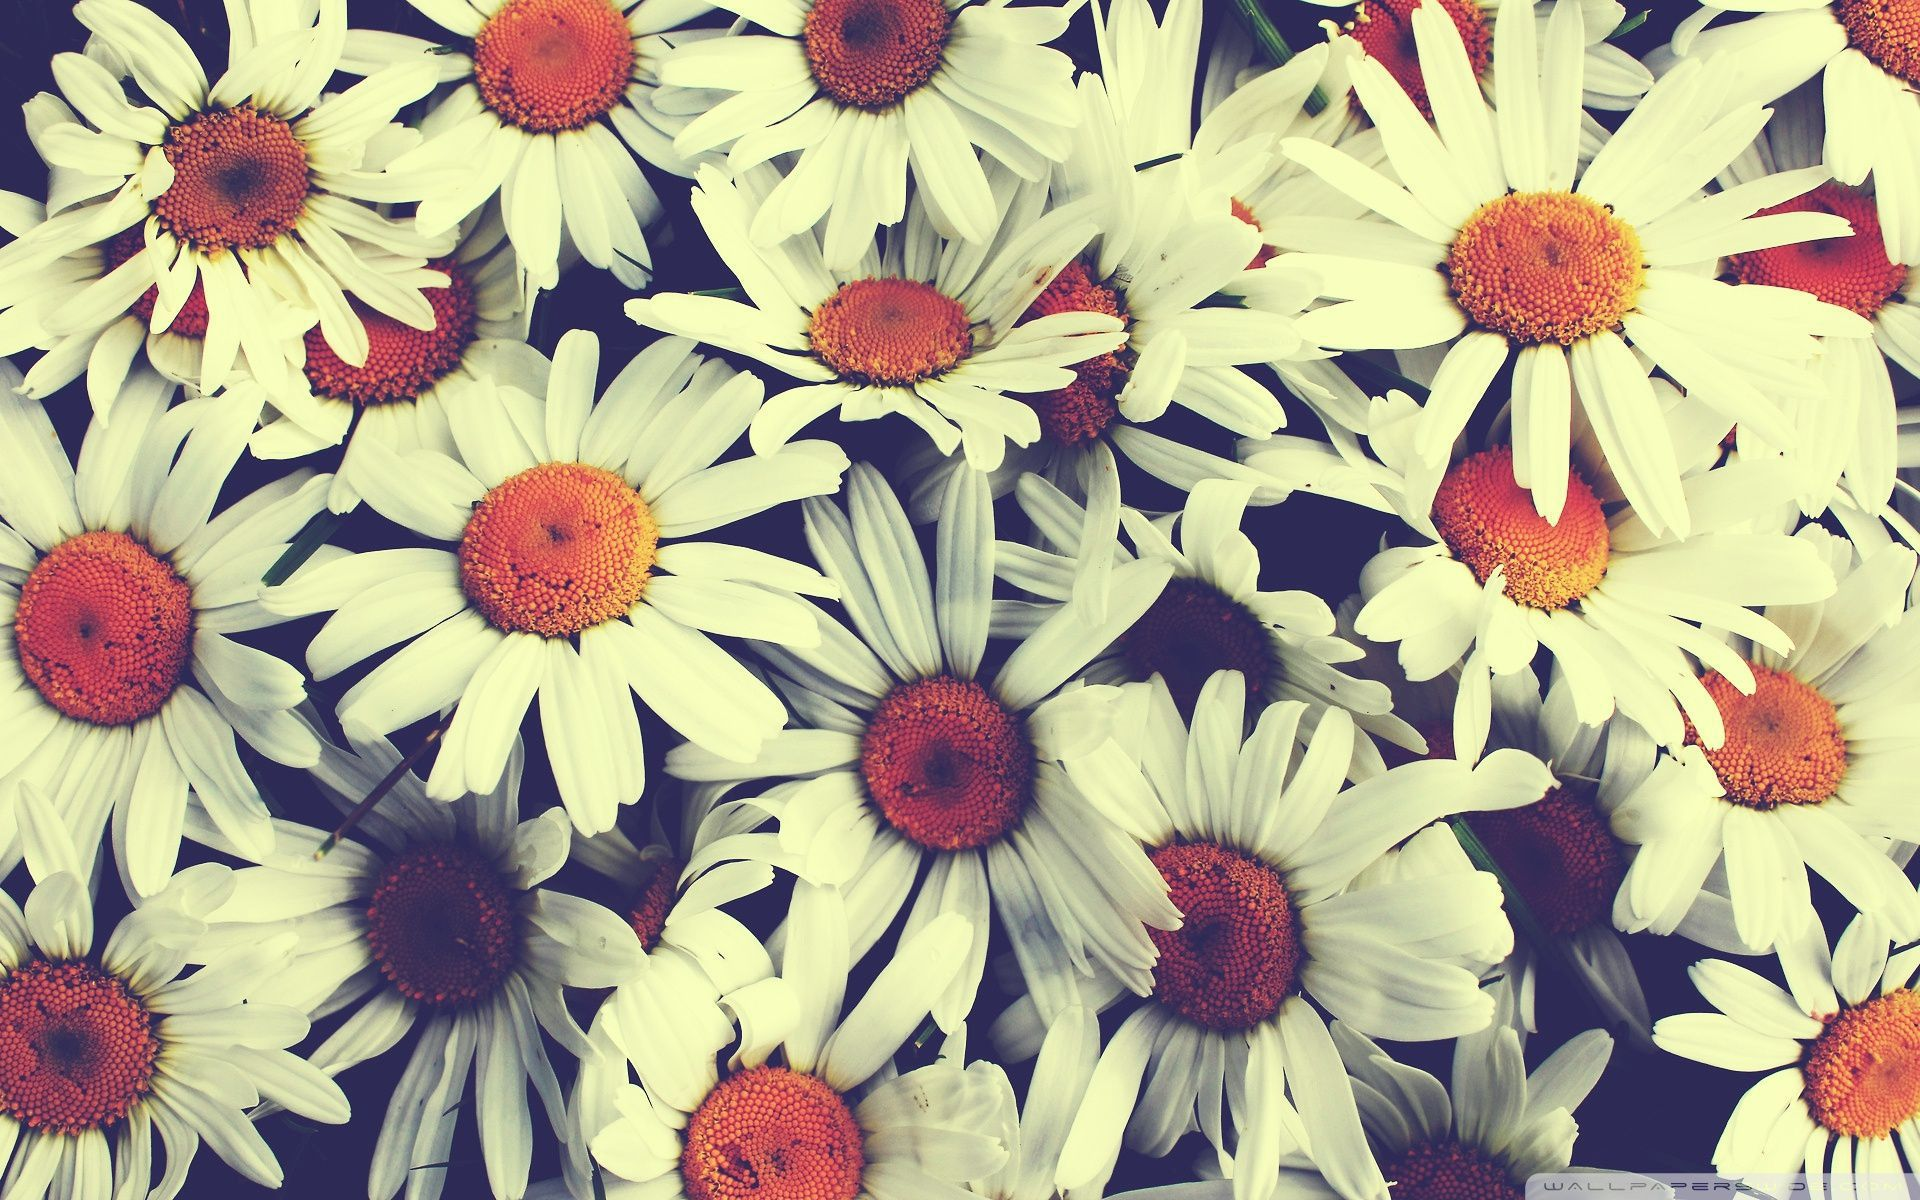 Vintage Flower Wallpaper Desktop Backgrounds Flowers